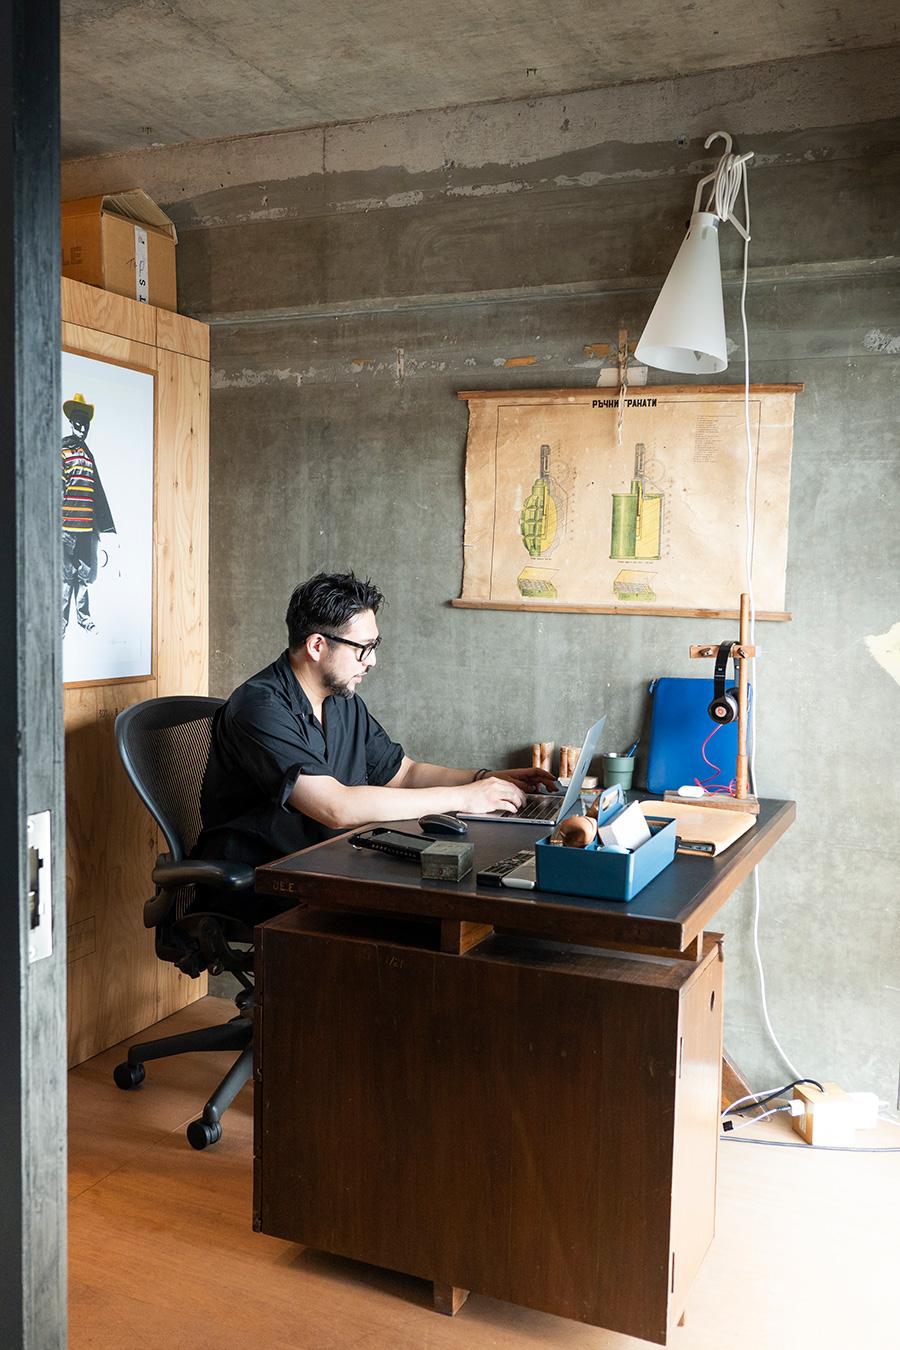 インドから来たピエール・ジャンヌレのPJ-030405 チークデスクで仕事をする古久保さん。